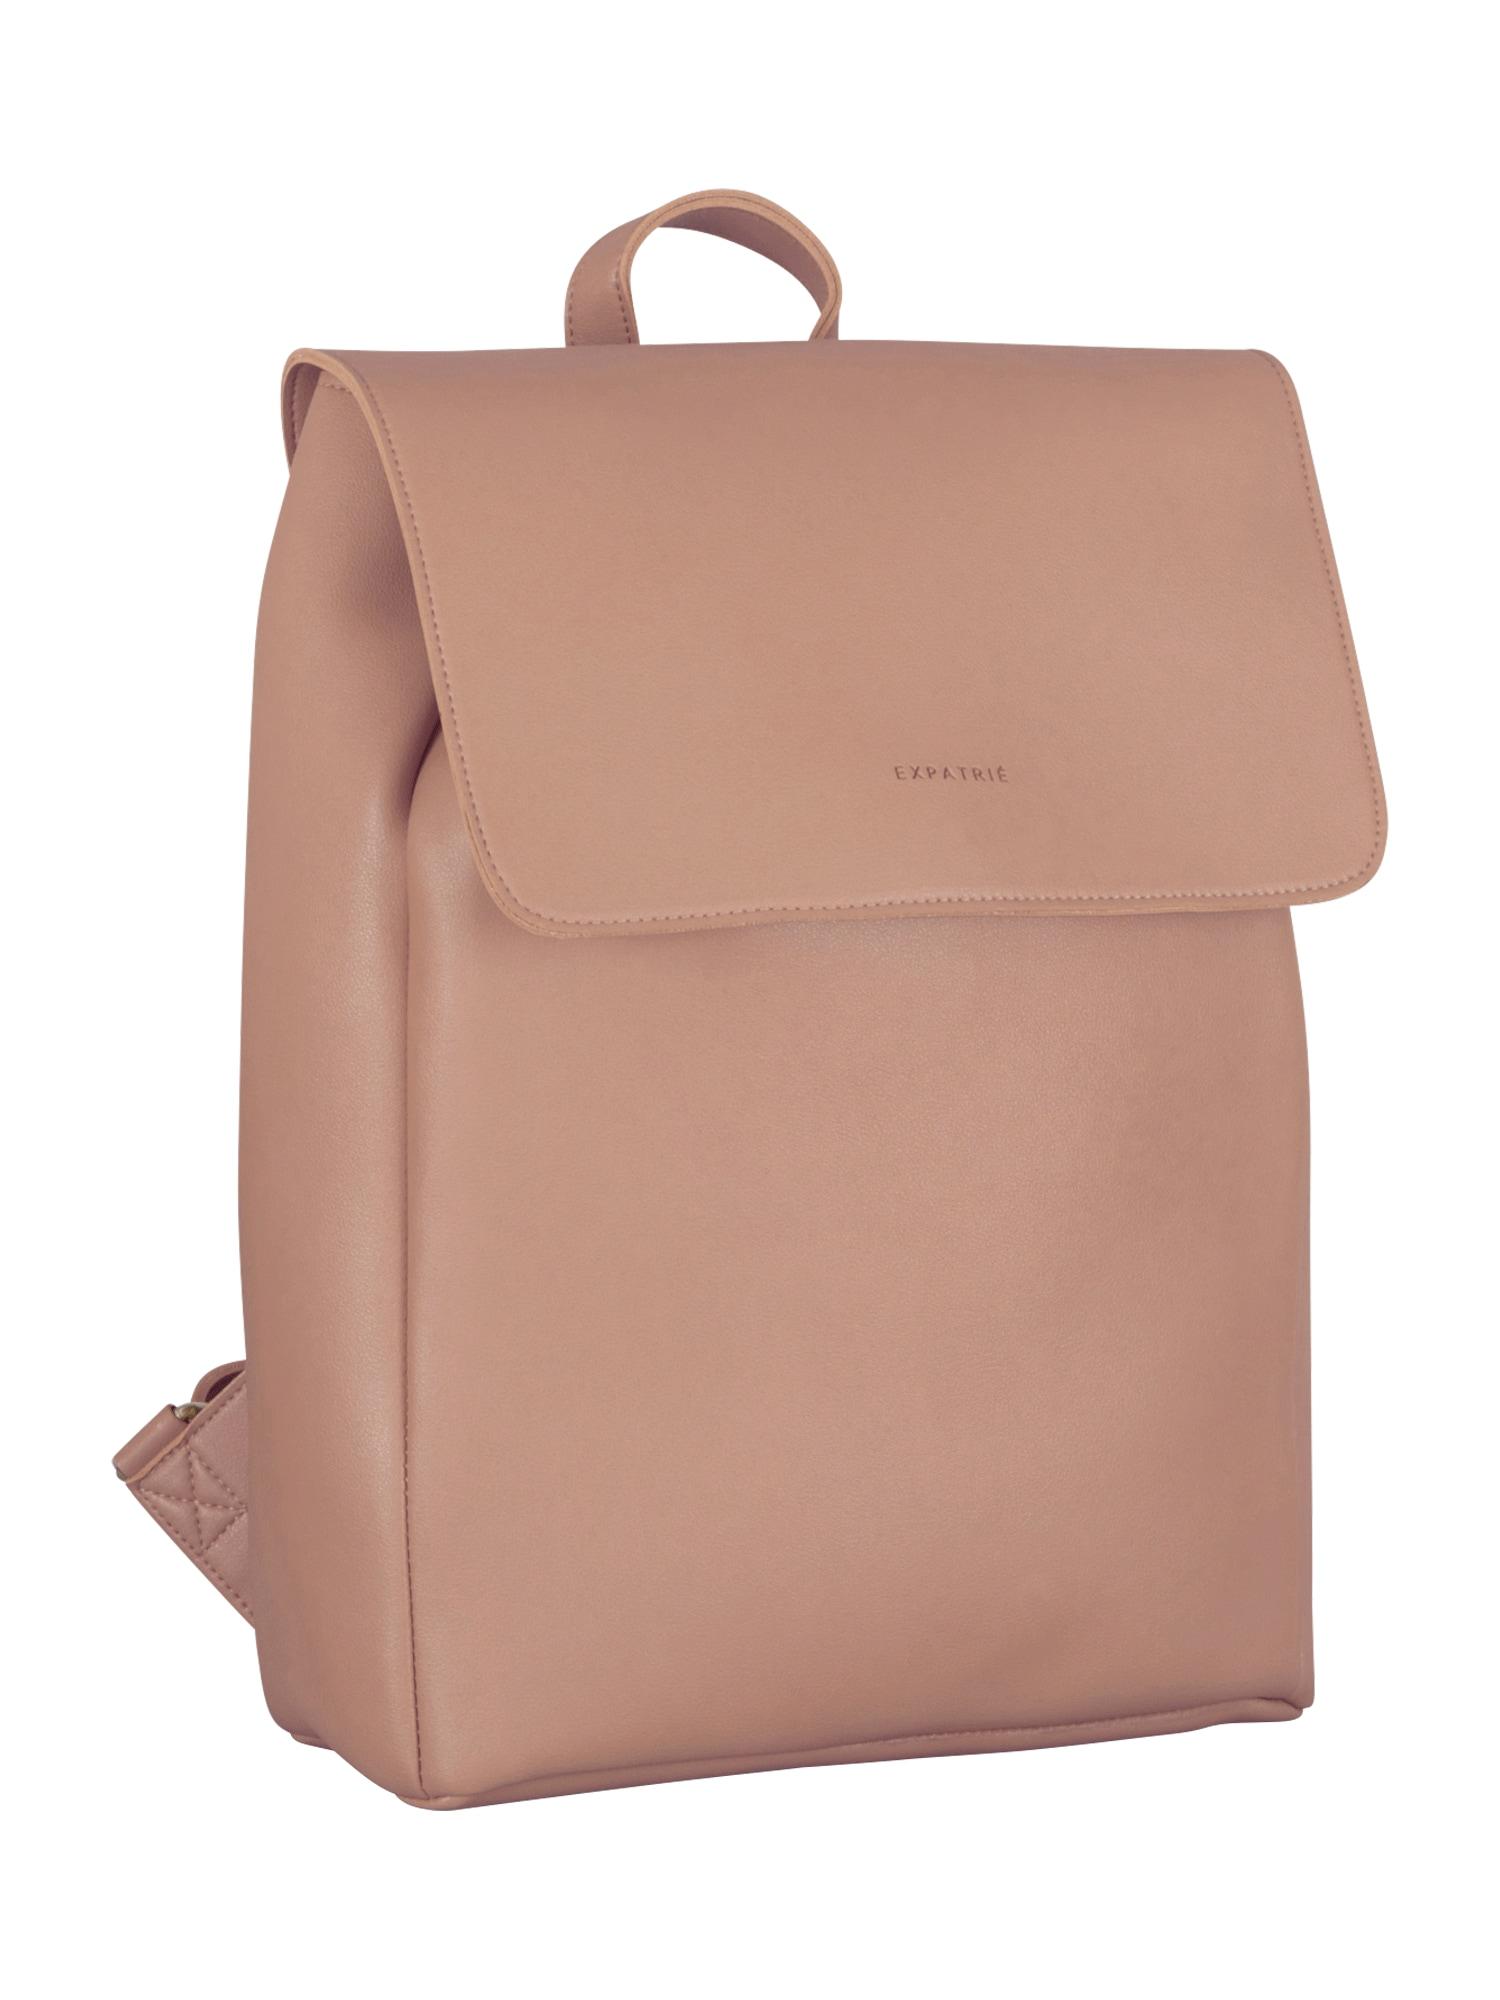 Expatrié Kuprinė 'Noelle ' ryškiai rožinė spalva